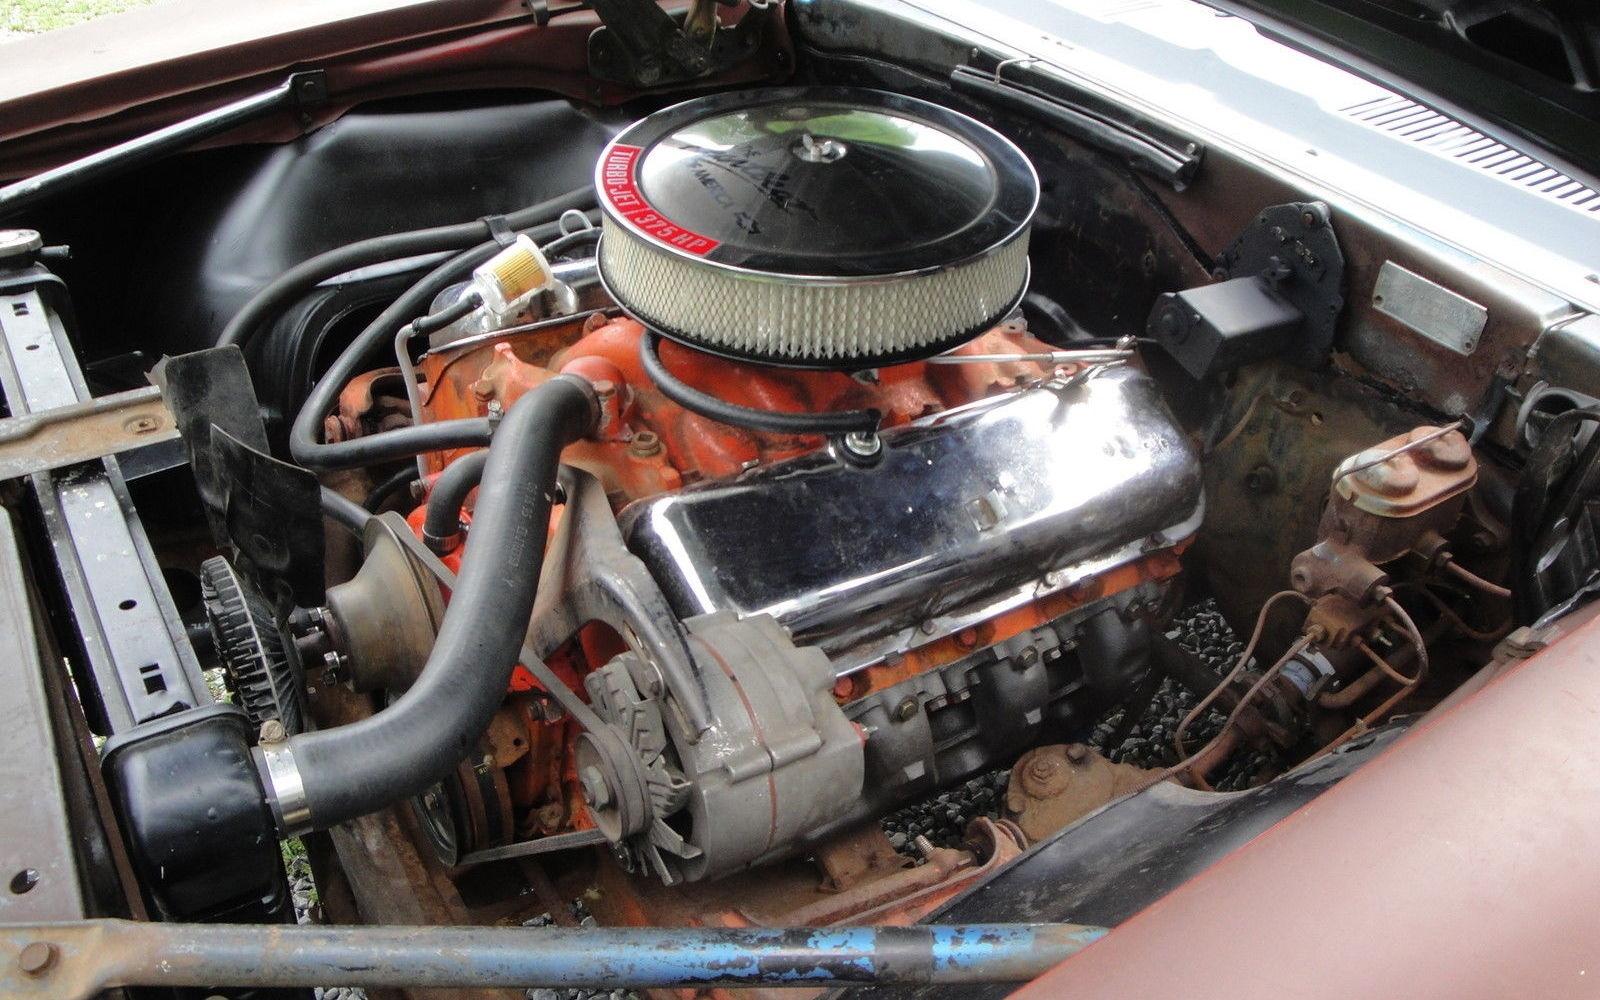 L78 396 V8